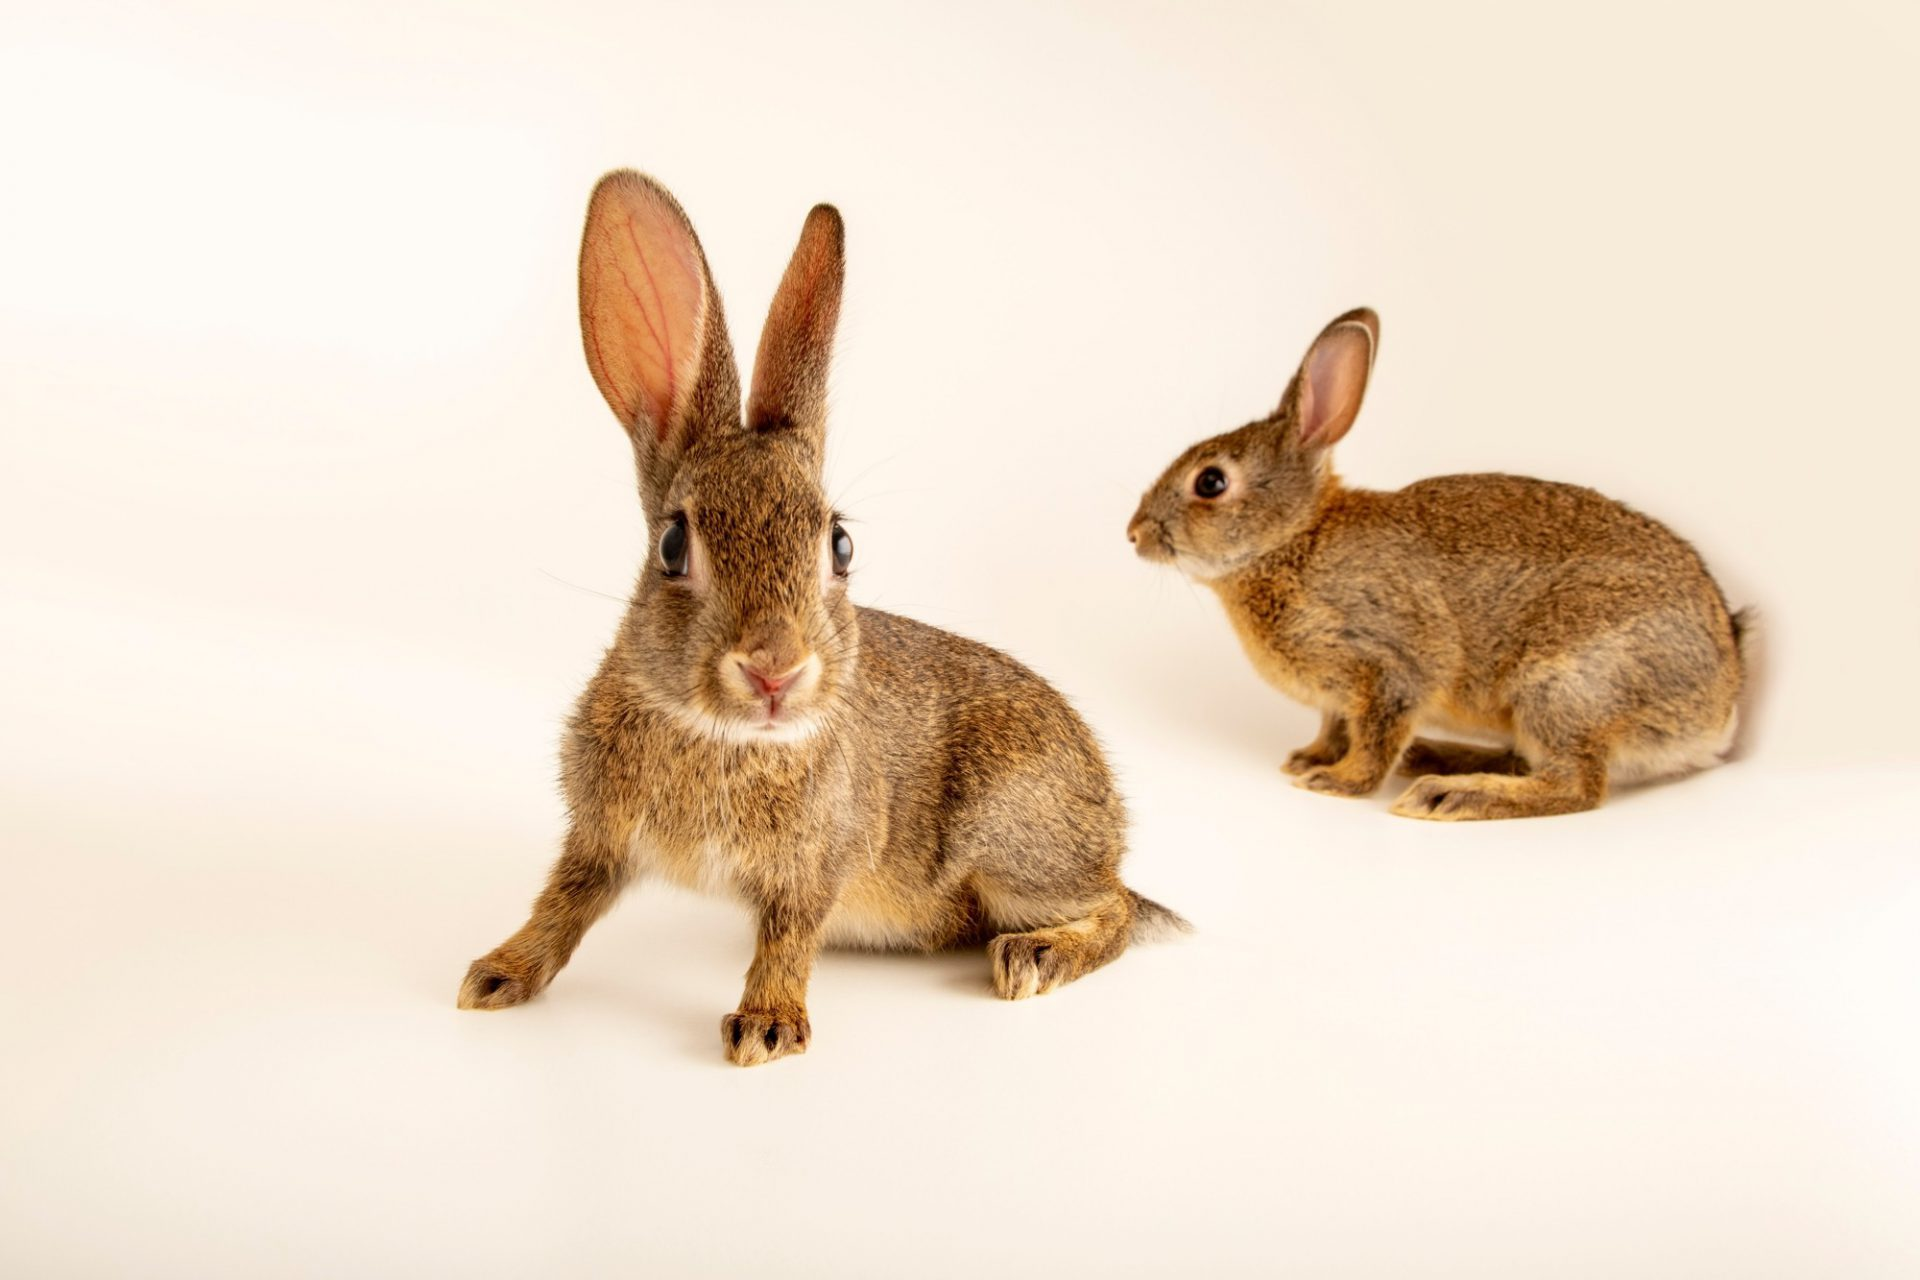 Photo: Juvenile Iberian wild rabbits (Oryctolagus cuniculus algirus) wild caught in Valpacos, Portugal.